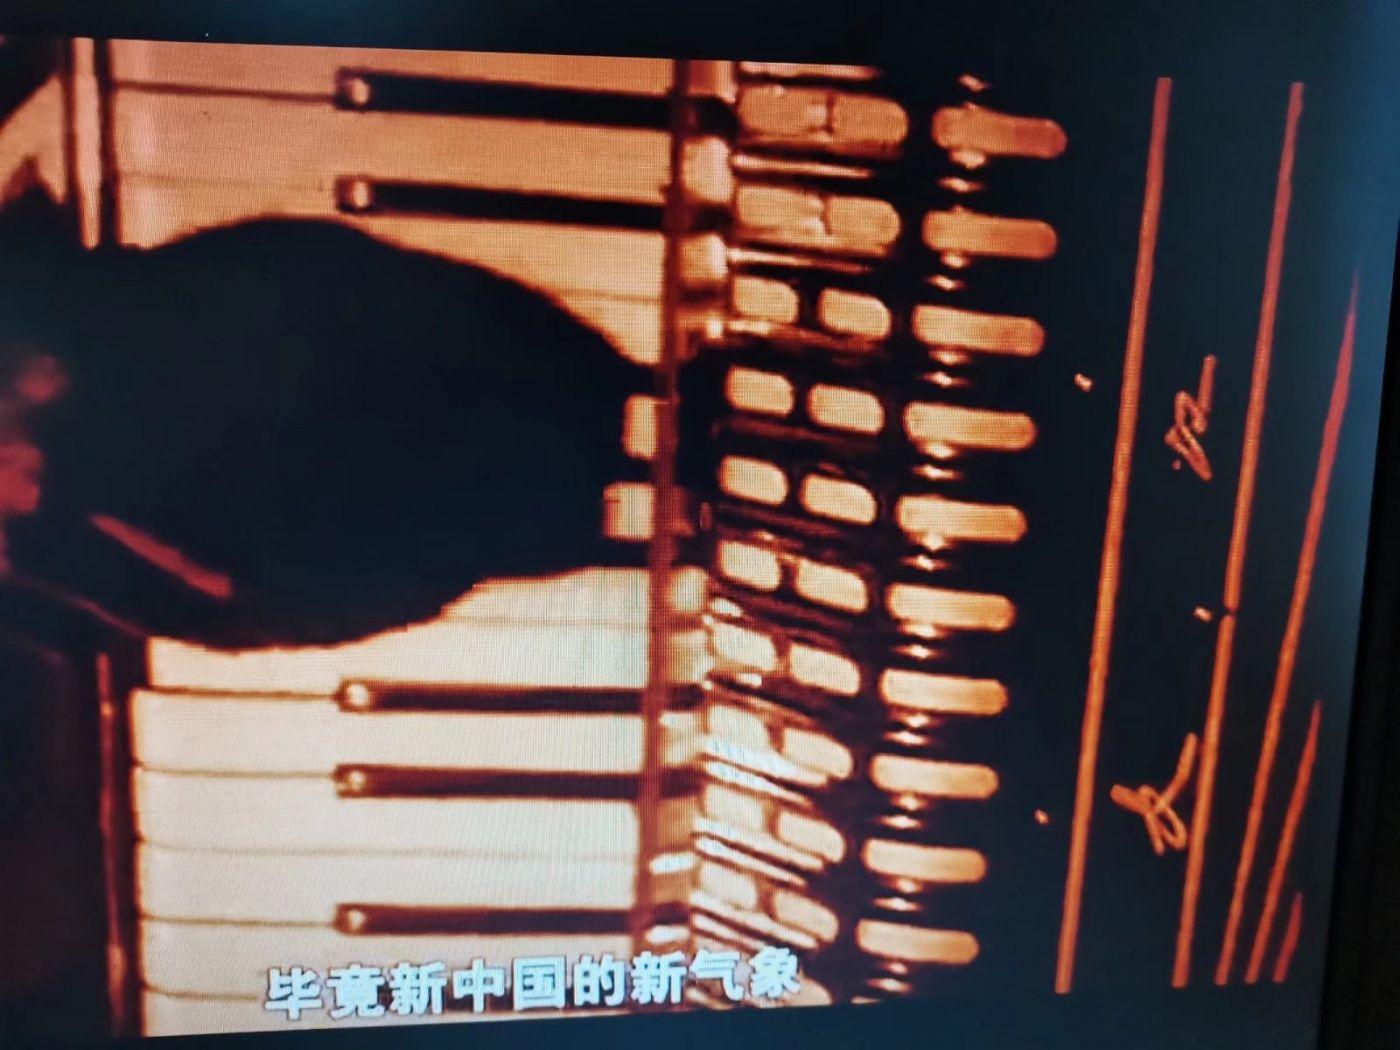 眼前一亮心绪万千,许多遗憾沉沉甸甸……昔日骄傲,重庆长江牌手风琴 ..._图1-3